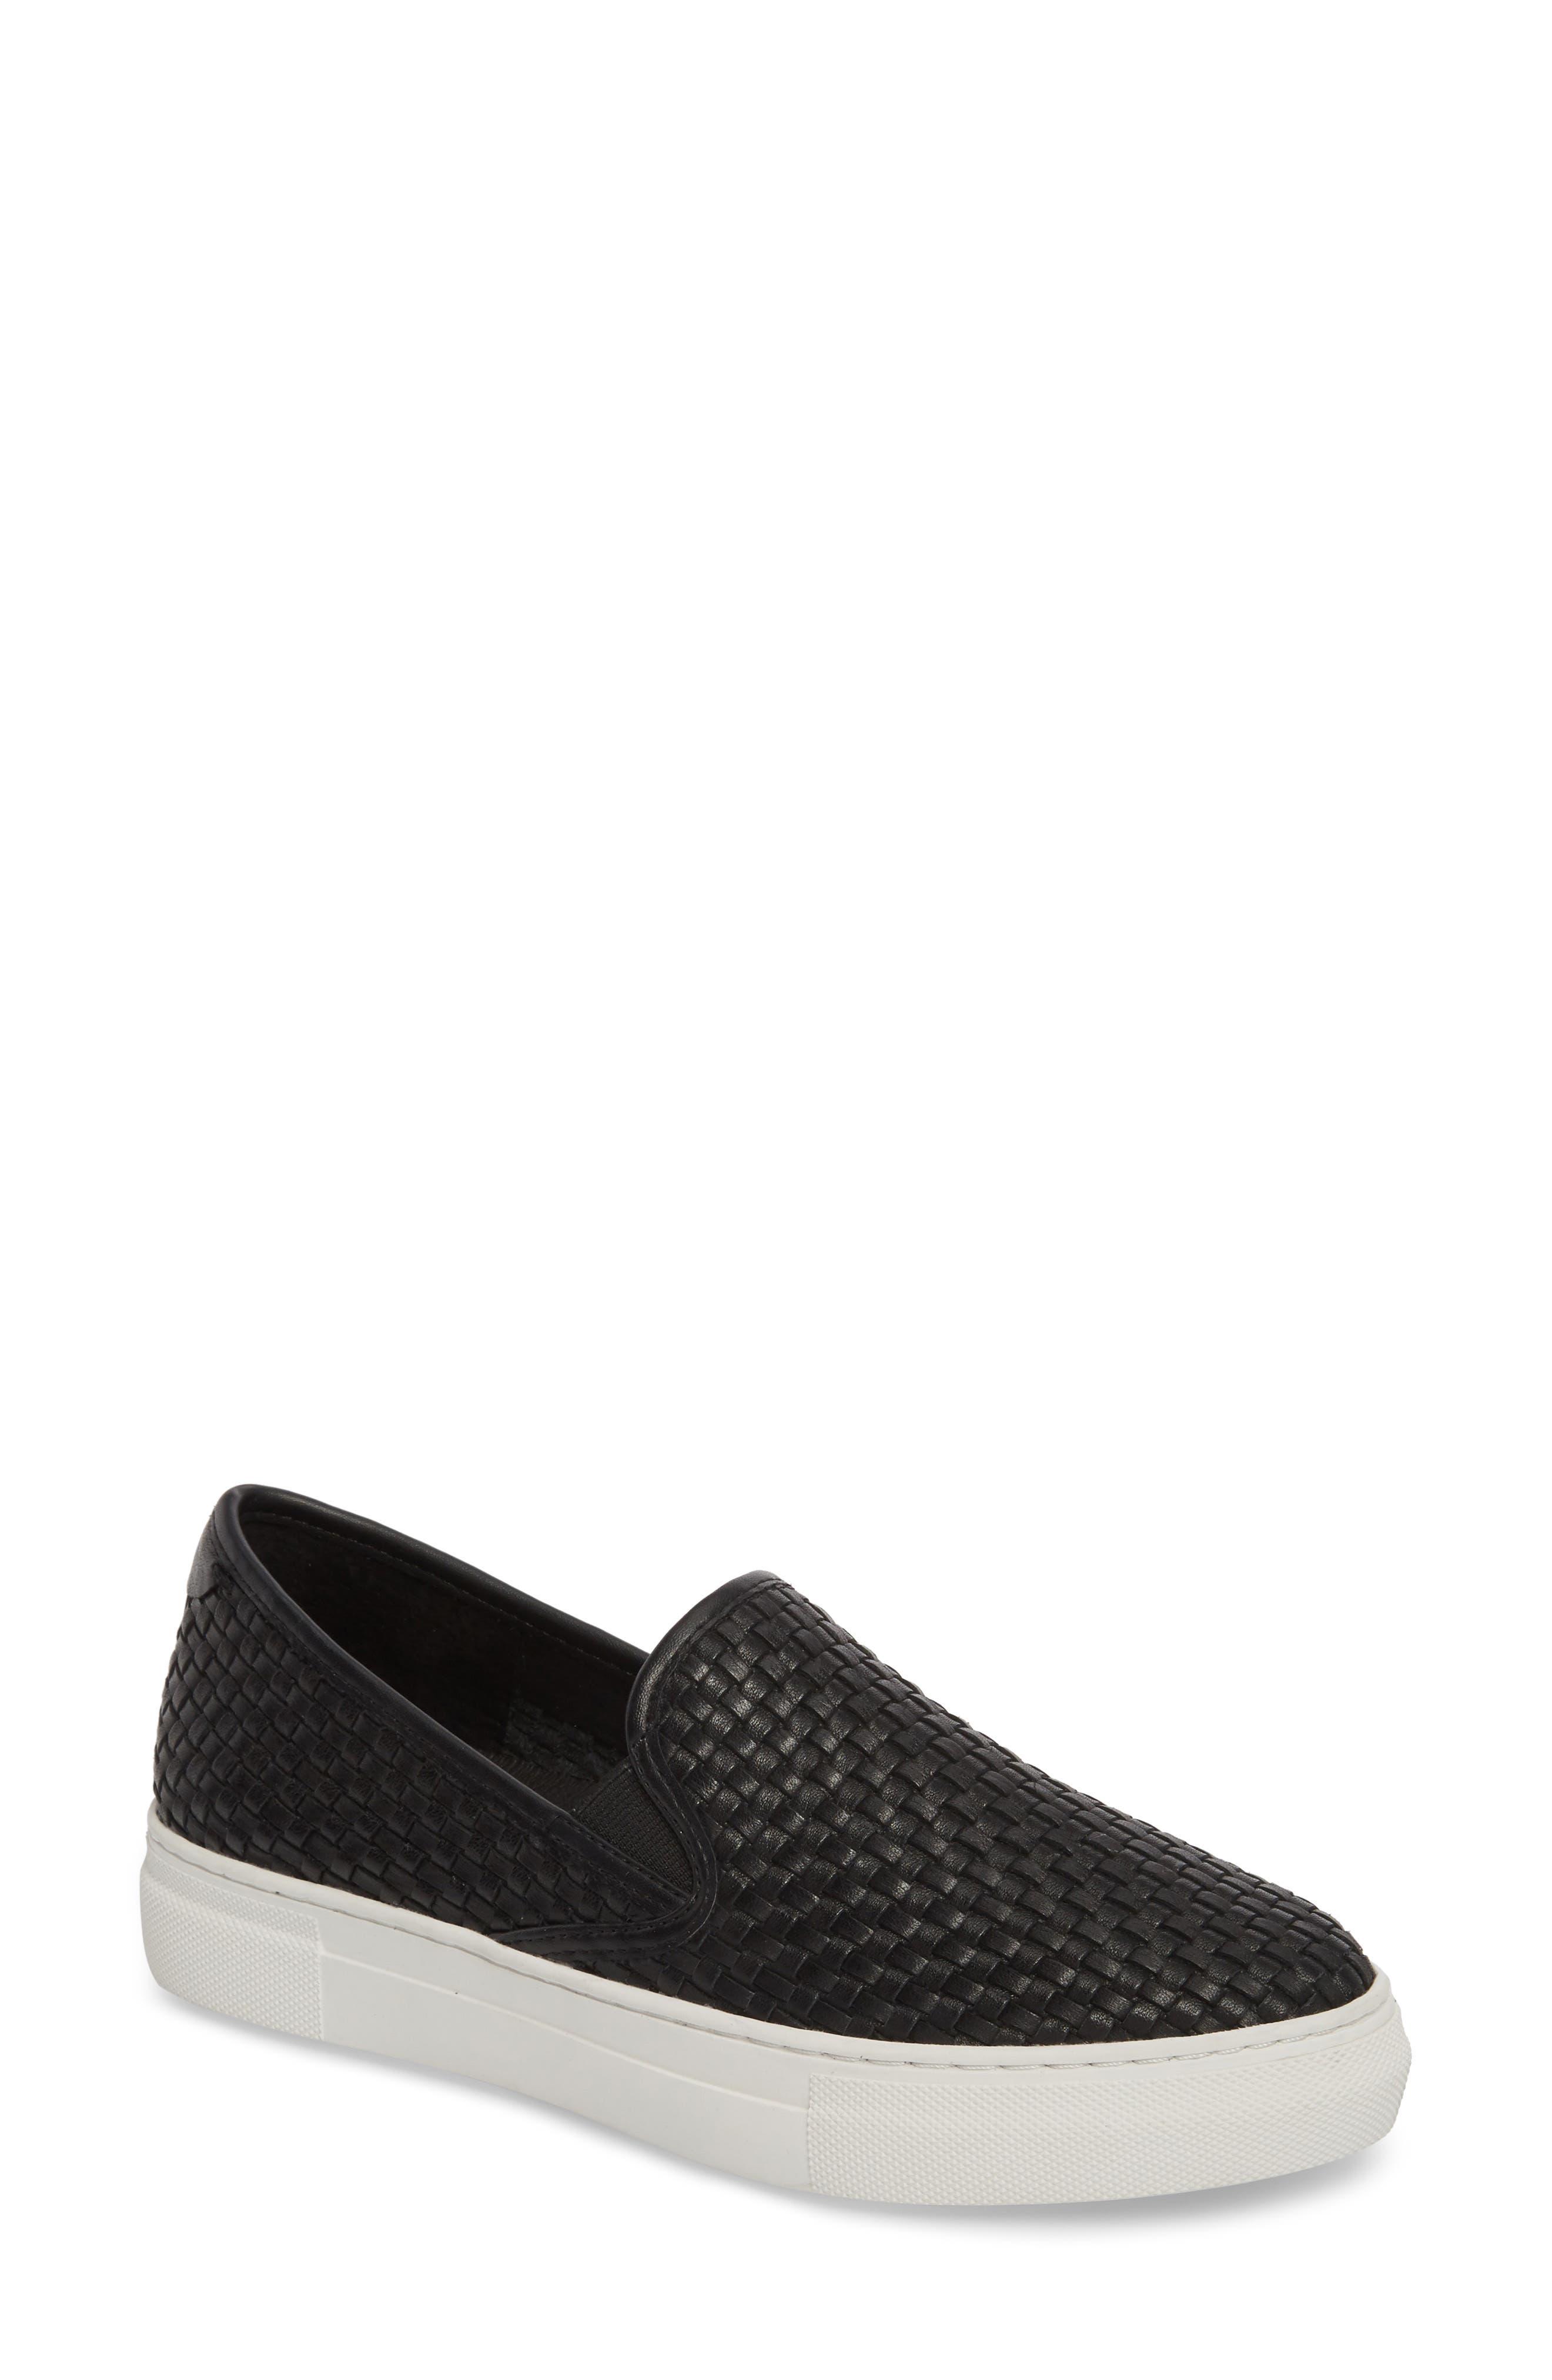 Flynn Slip-On Sneaker,                             Main thumbnail 1, color,                             015